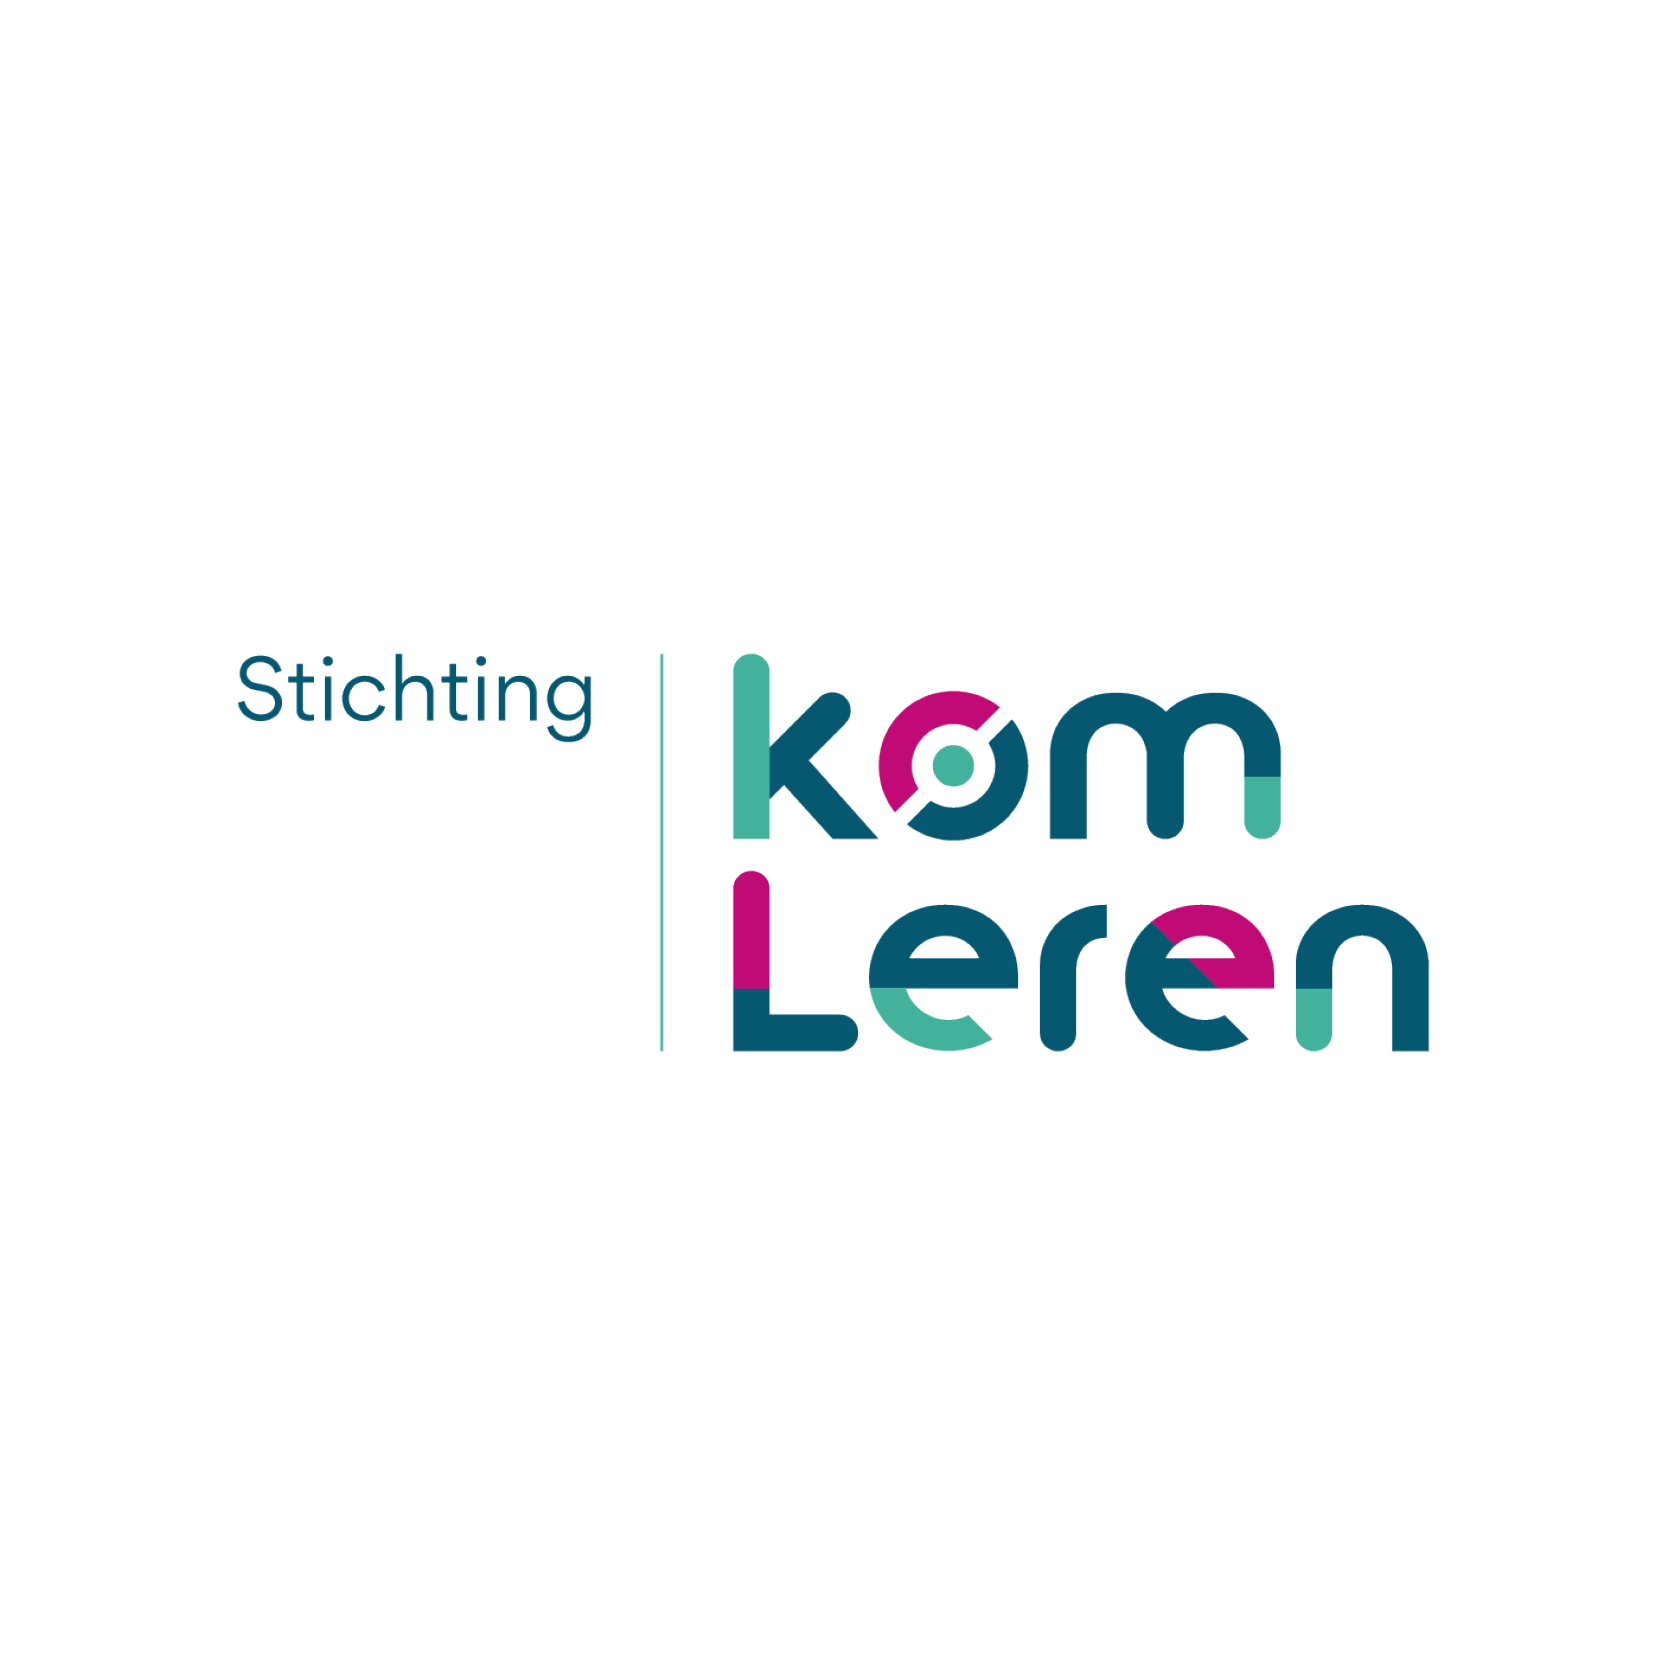 Stichting kom Leren